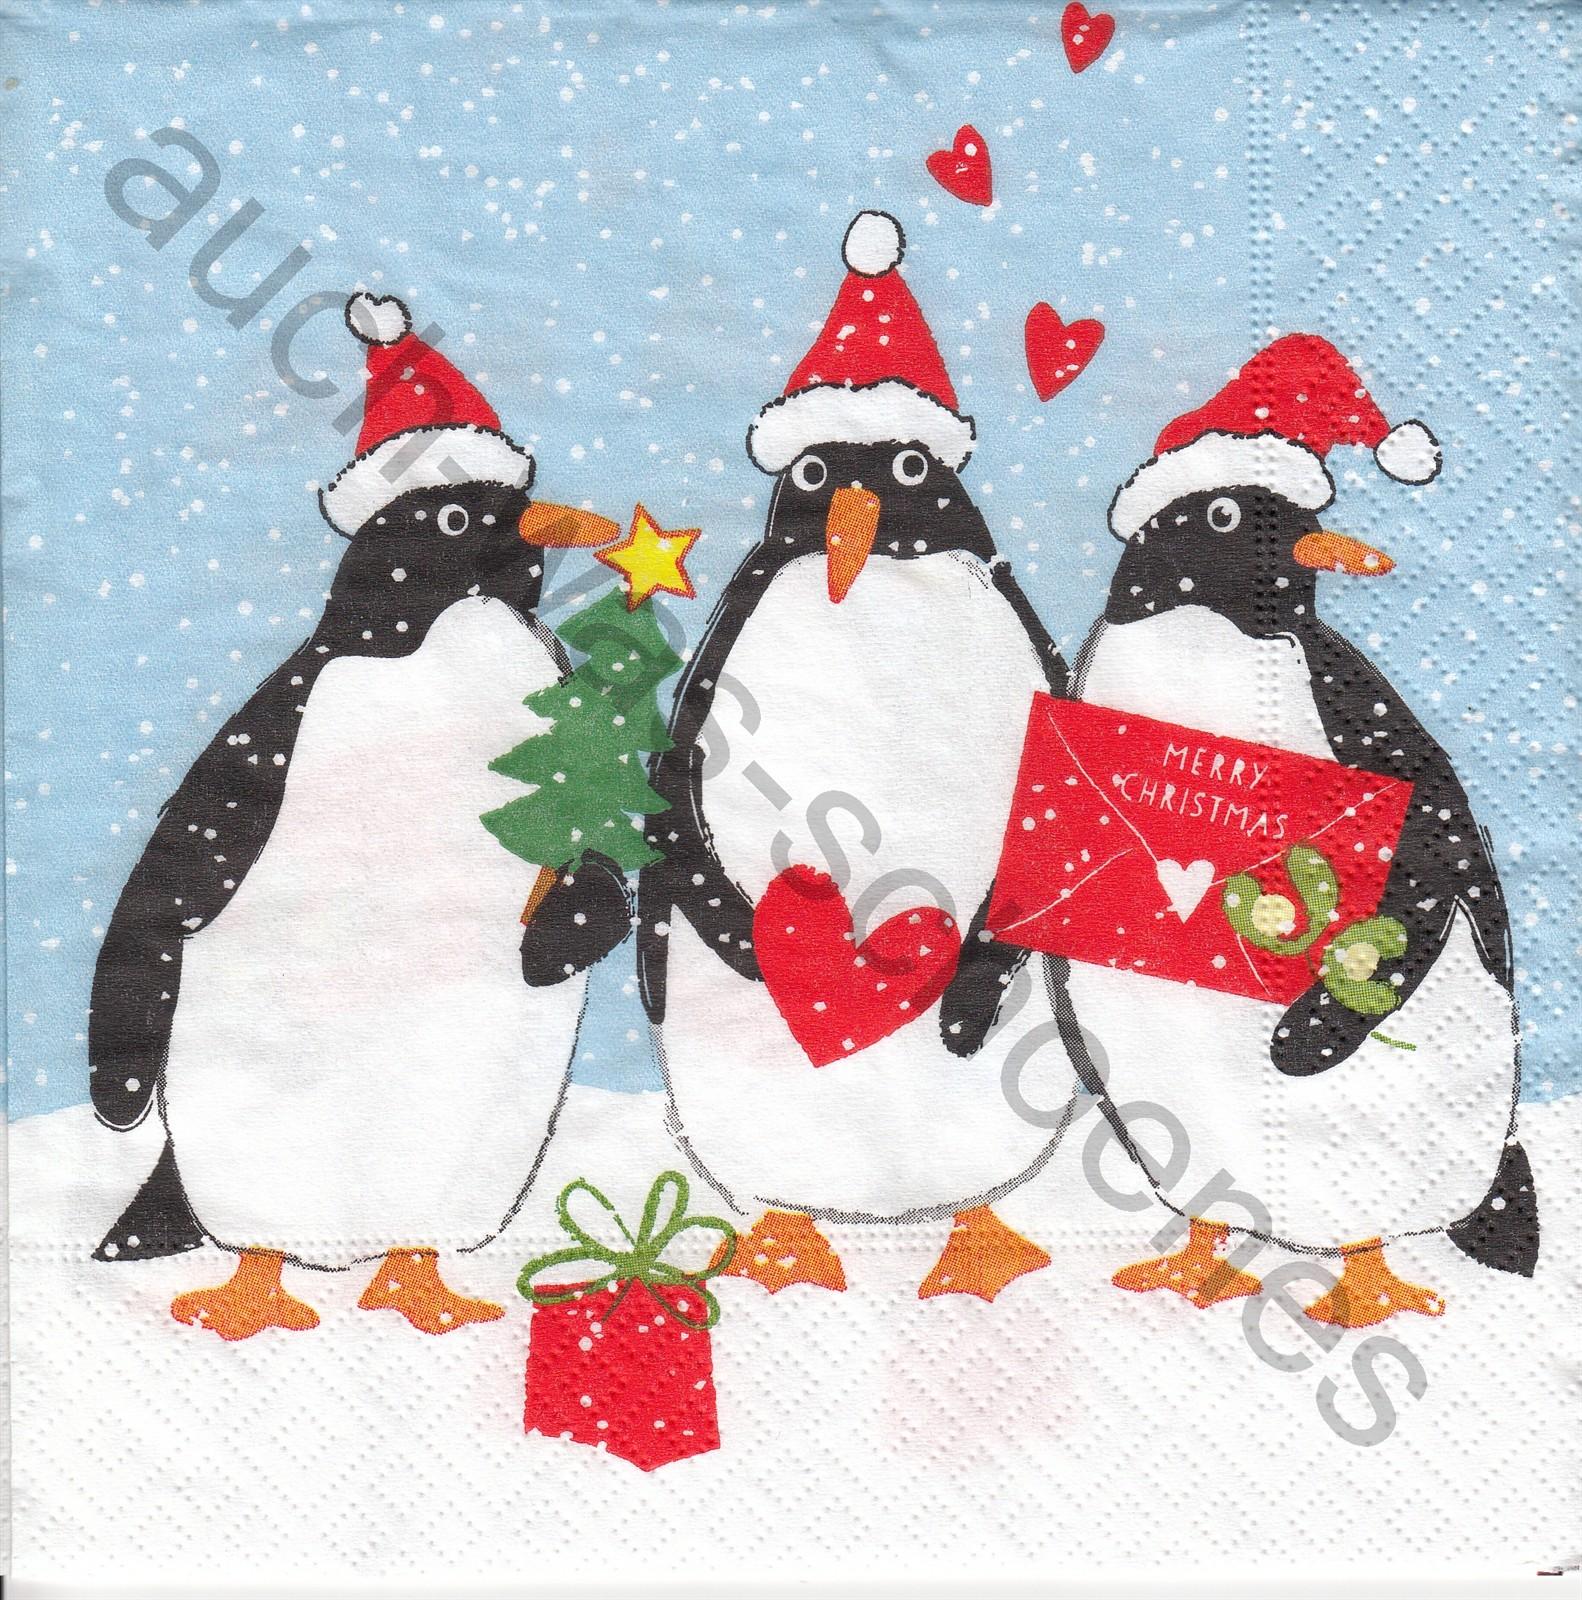 Bilder Weihnachten Lustig.Lustige Pinguine Tiere Weihnachten Wn455